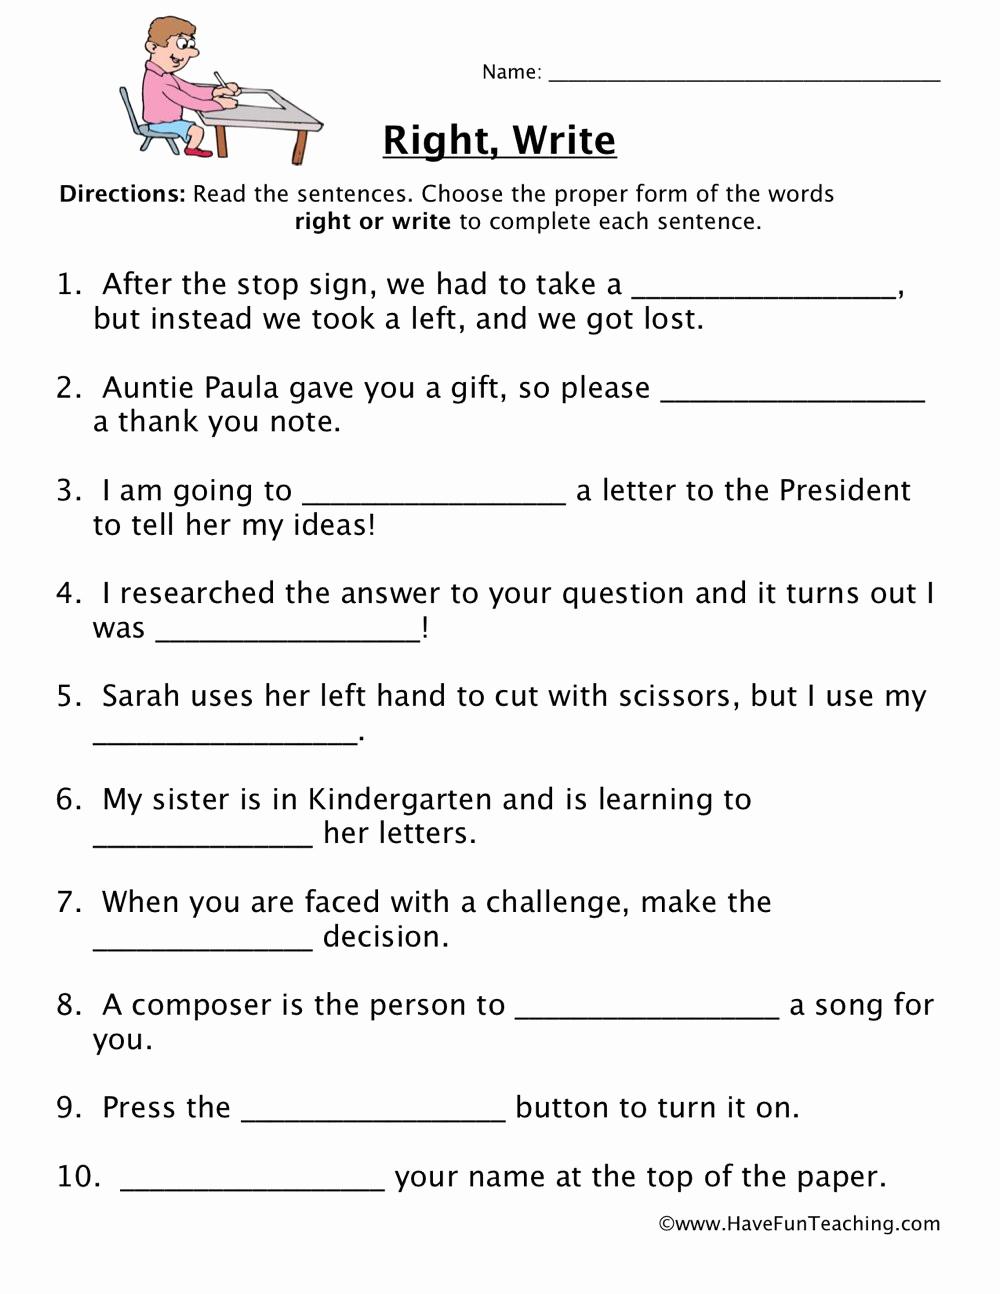 Homograph Worksheets 5th Grade Unique Homophones Worksheet 5th Grade